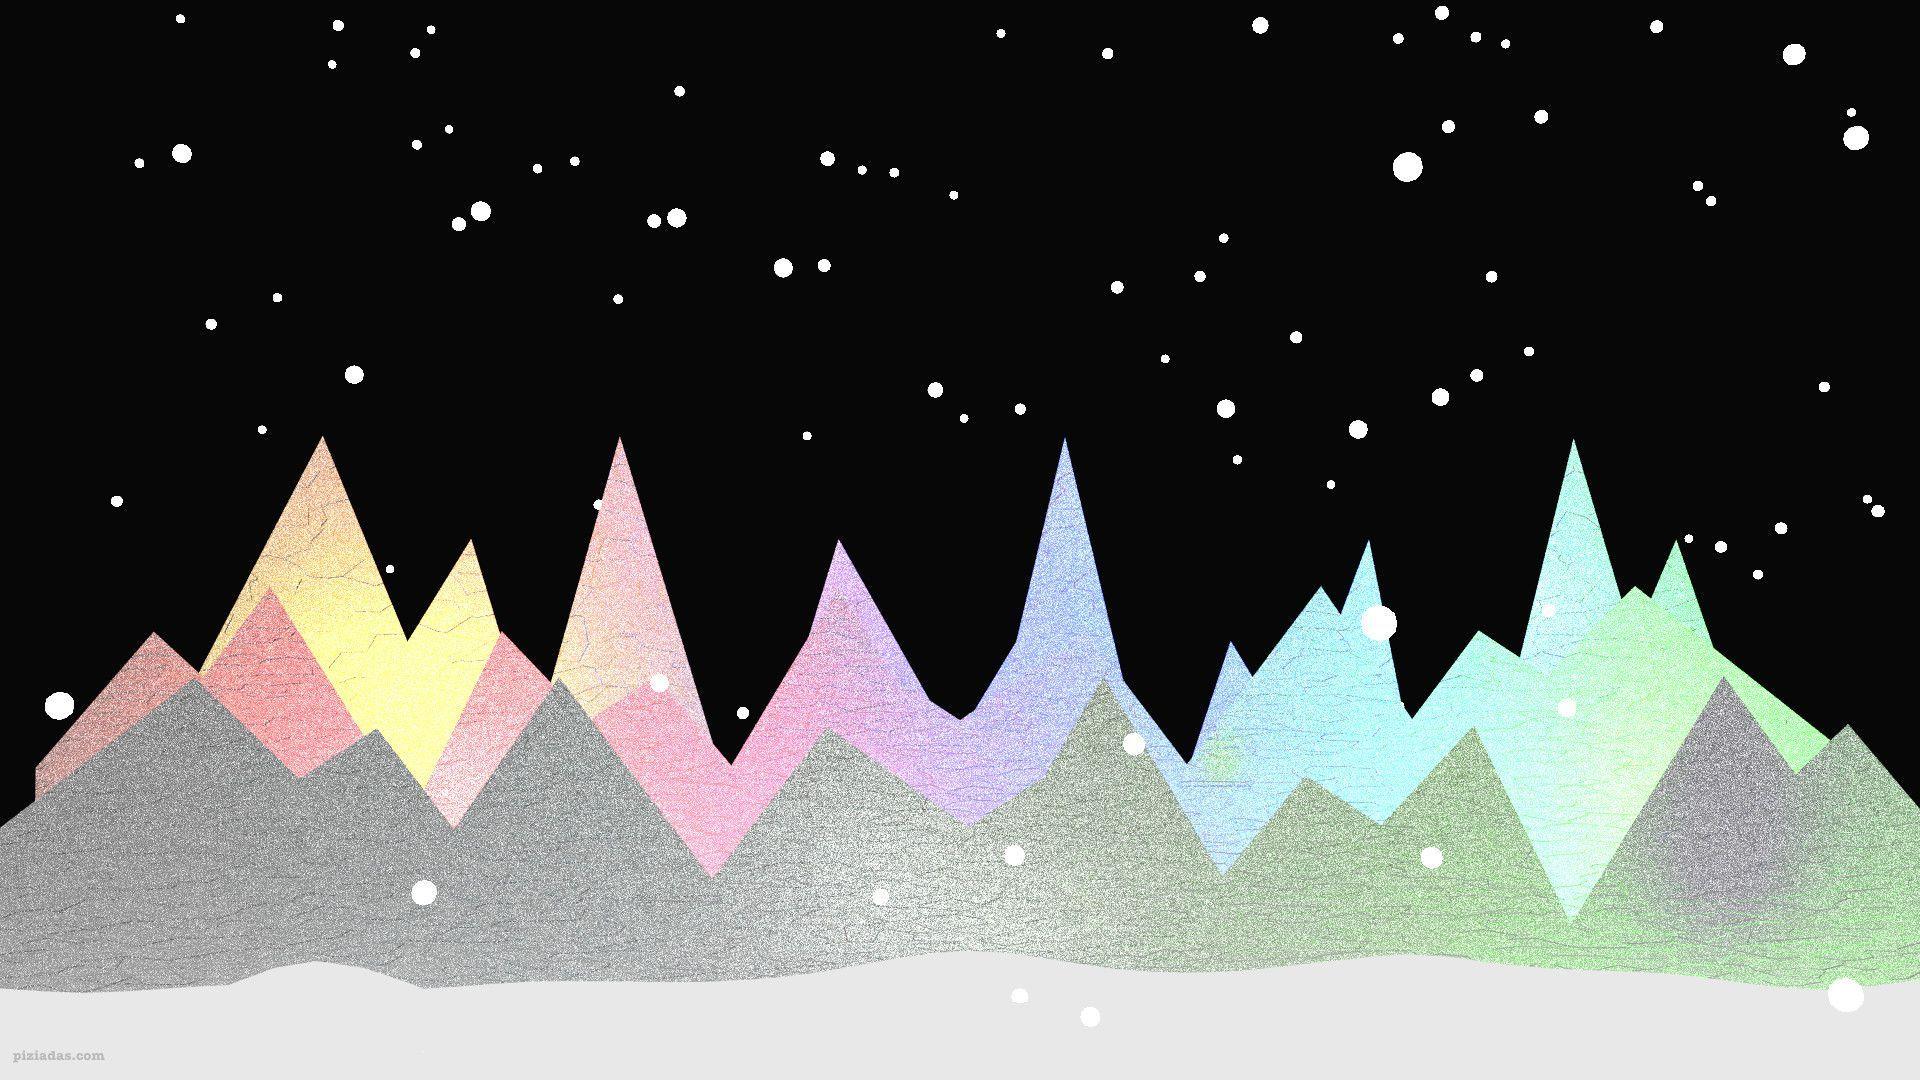 Fondos De Navidad Tumblr Wallpaper Hd 4 Net Con Fondos De Pantalla Para Pc Pinte 4k Tumblr Wallpaper Wallpaper Iphone Wallpaper Vintage